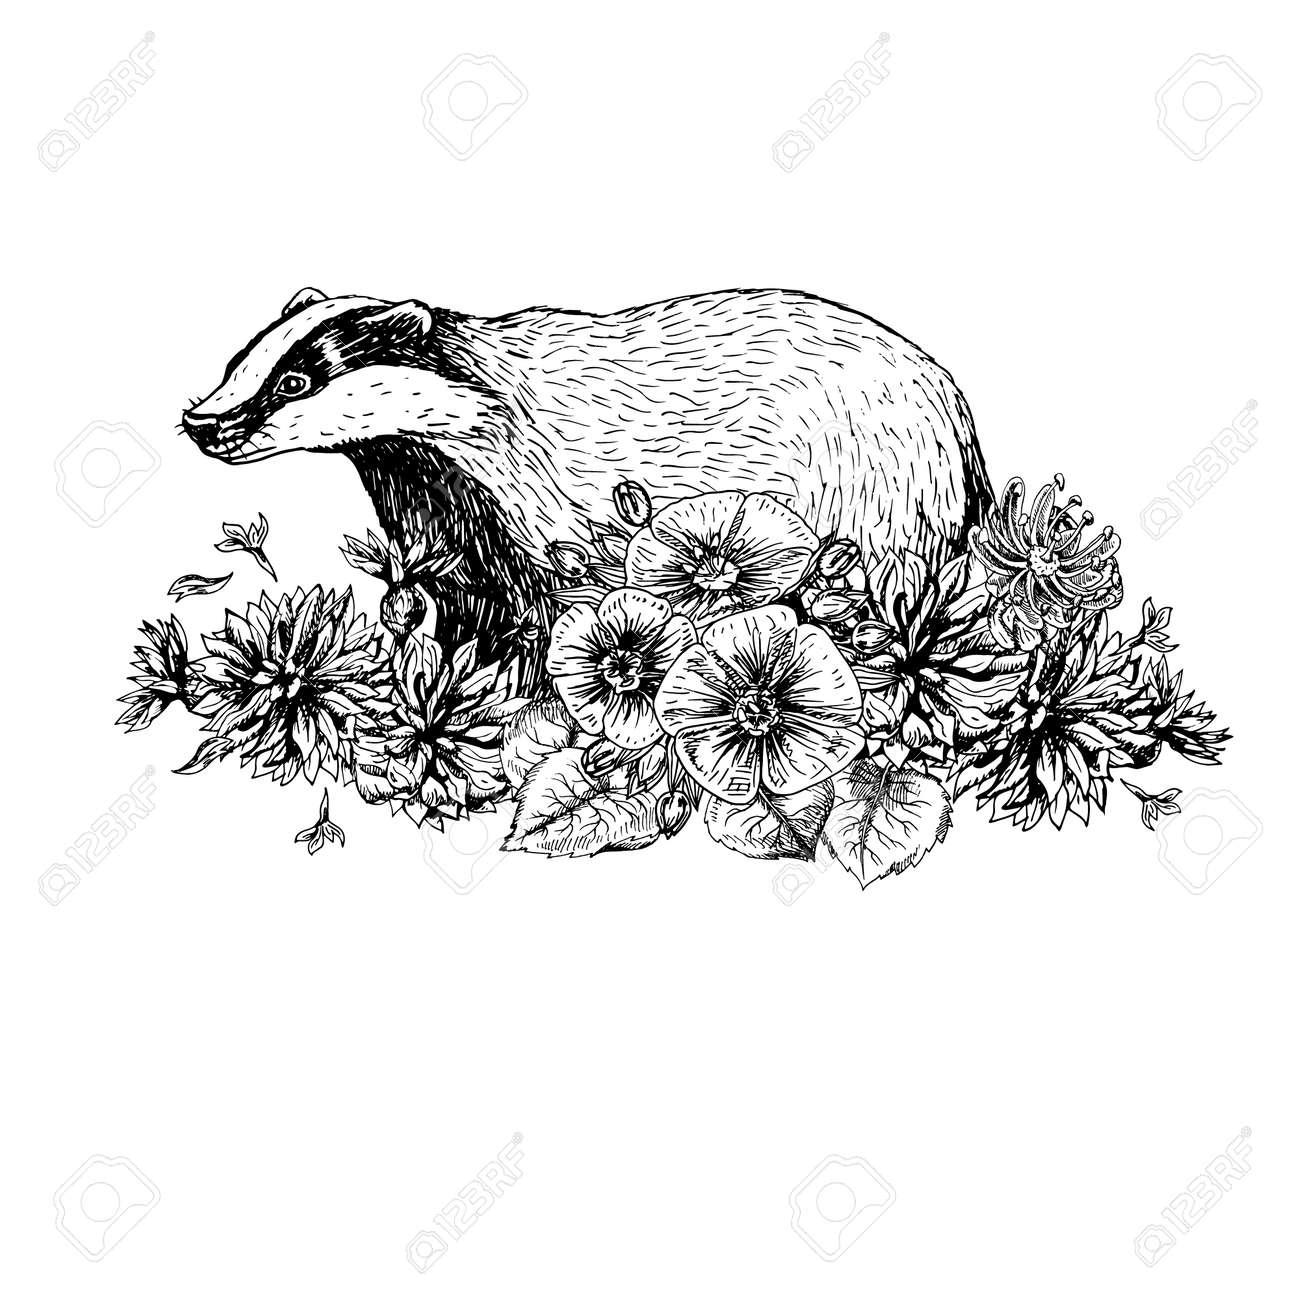 Dibujado A Mano Tejón Con Flores Estilo Vintage Imprimir Para La